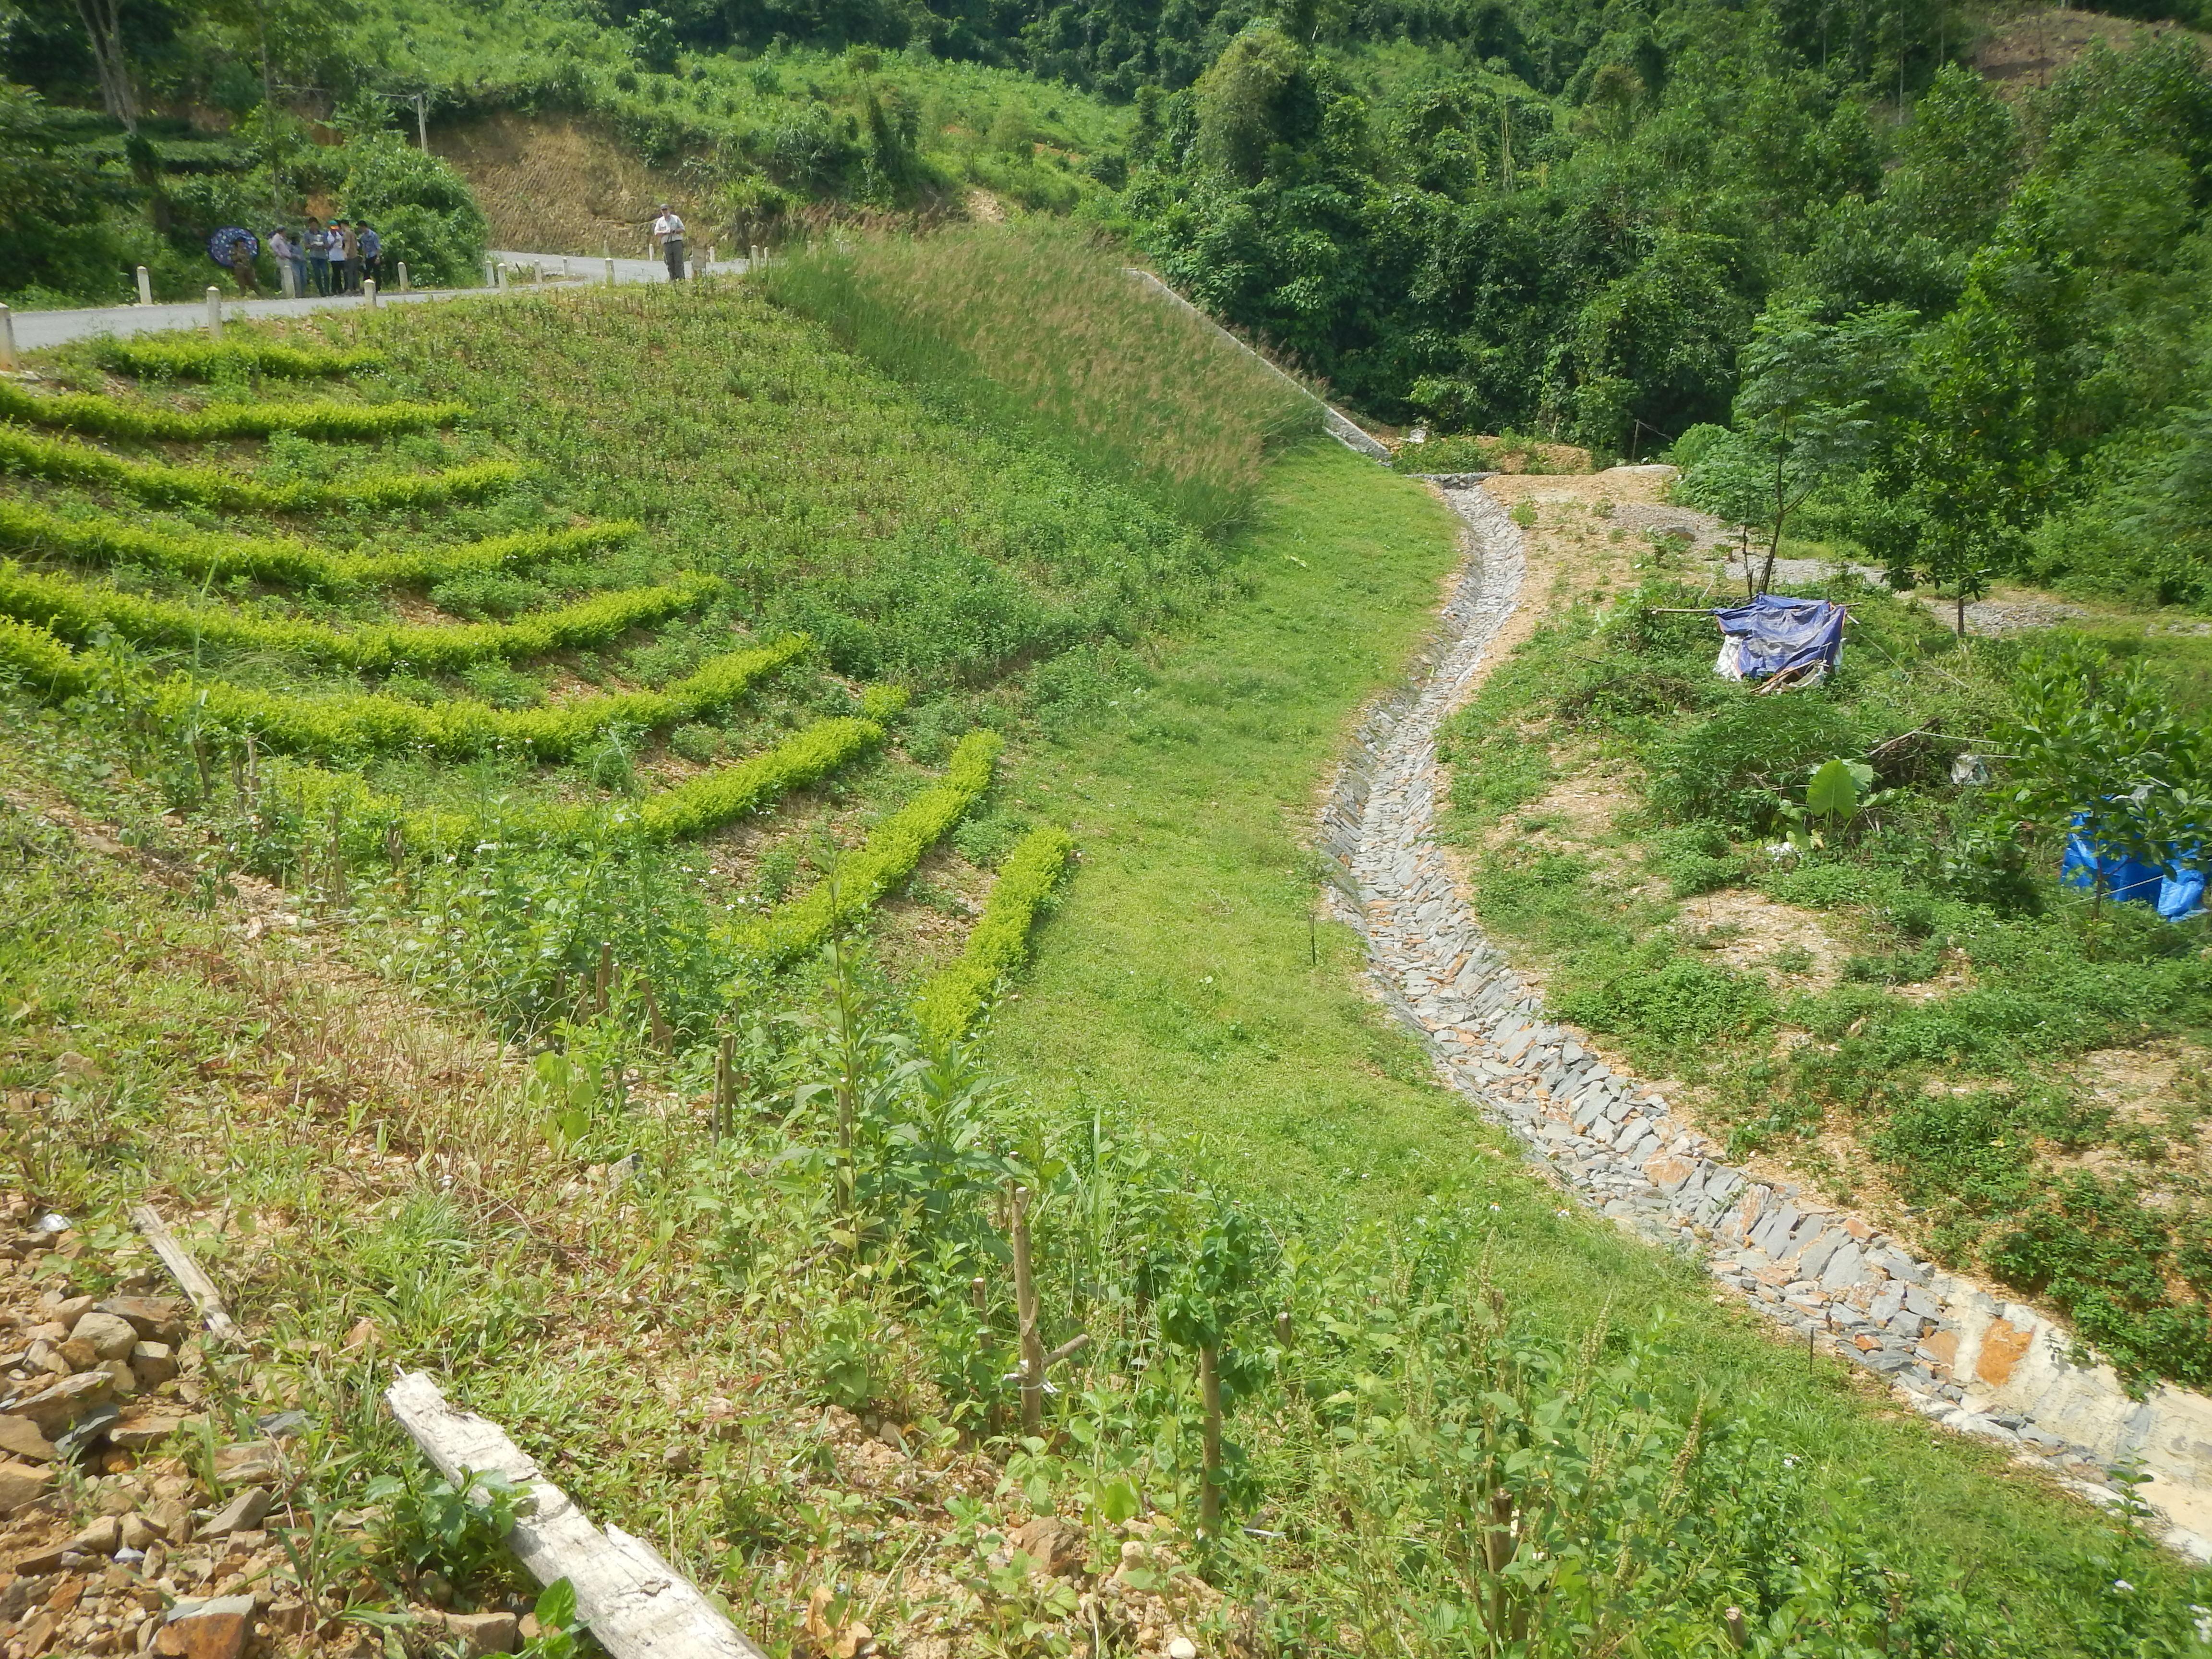 Bioengineering demonstration protecting roadside slope in Thai Nguyen Province, Vietnam